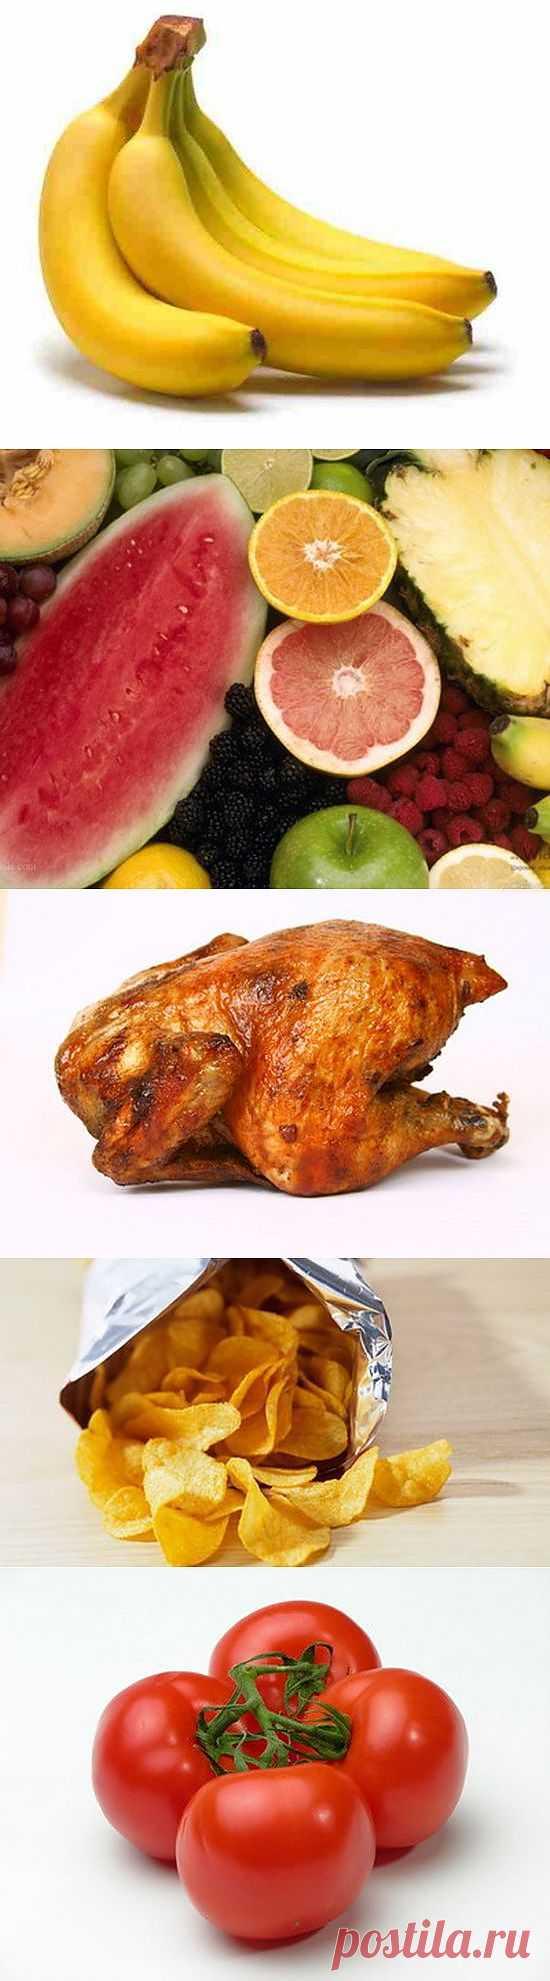 Топ-10 пугающих фактов о еде   Всё самое лучшее из интернета